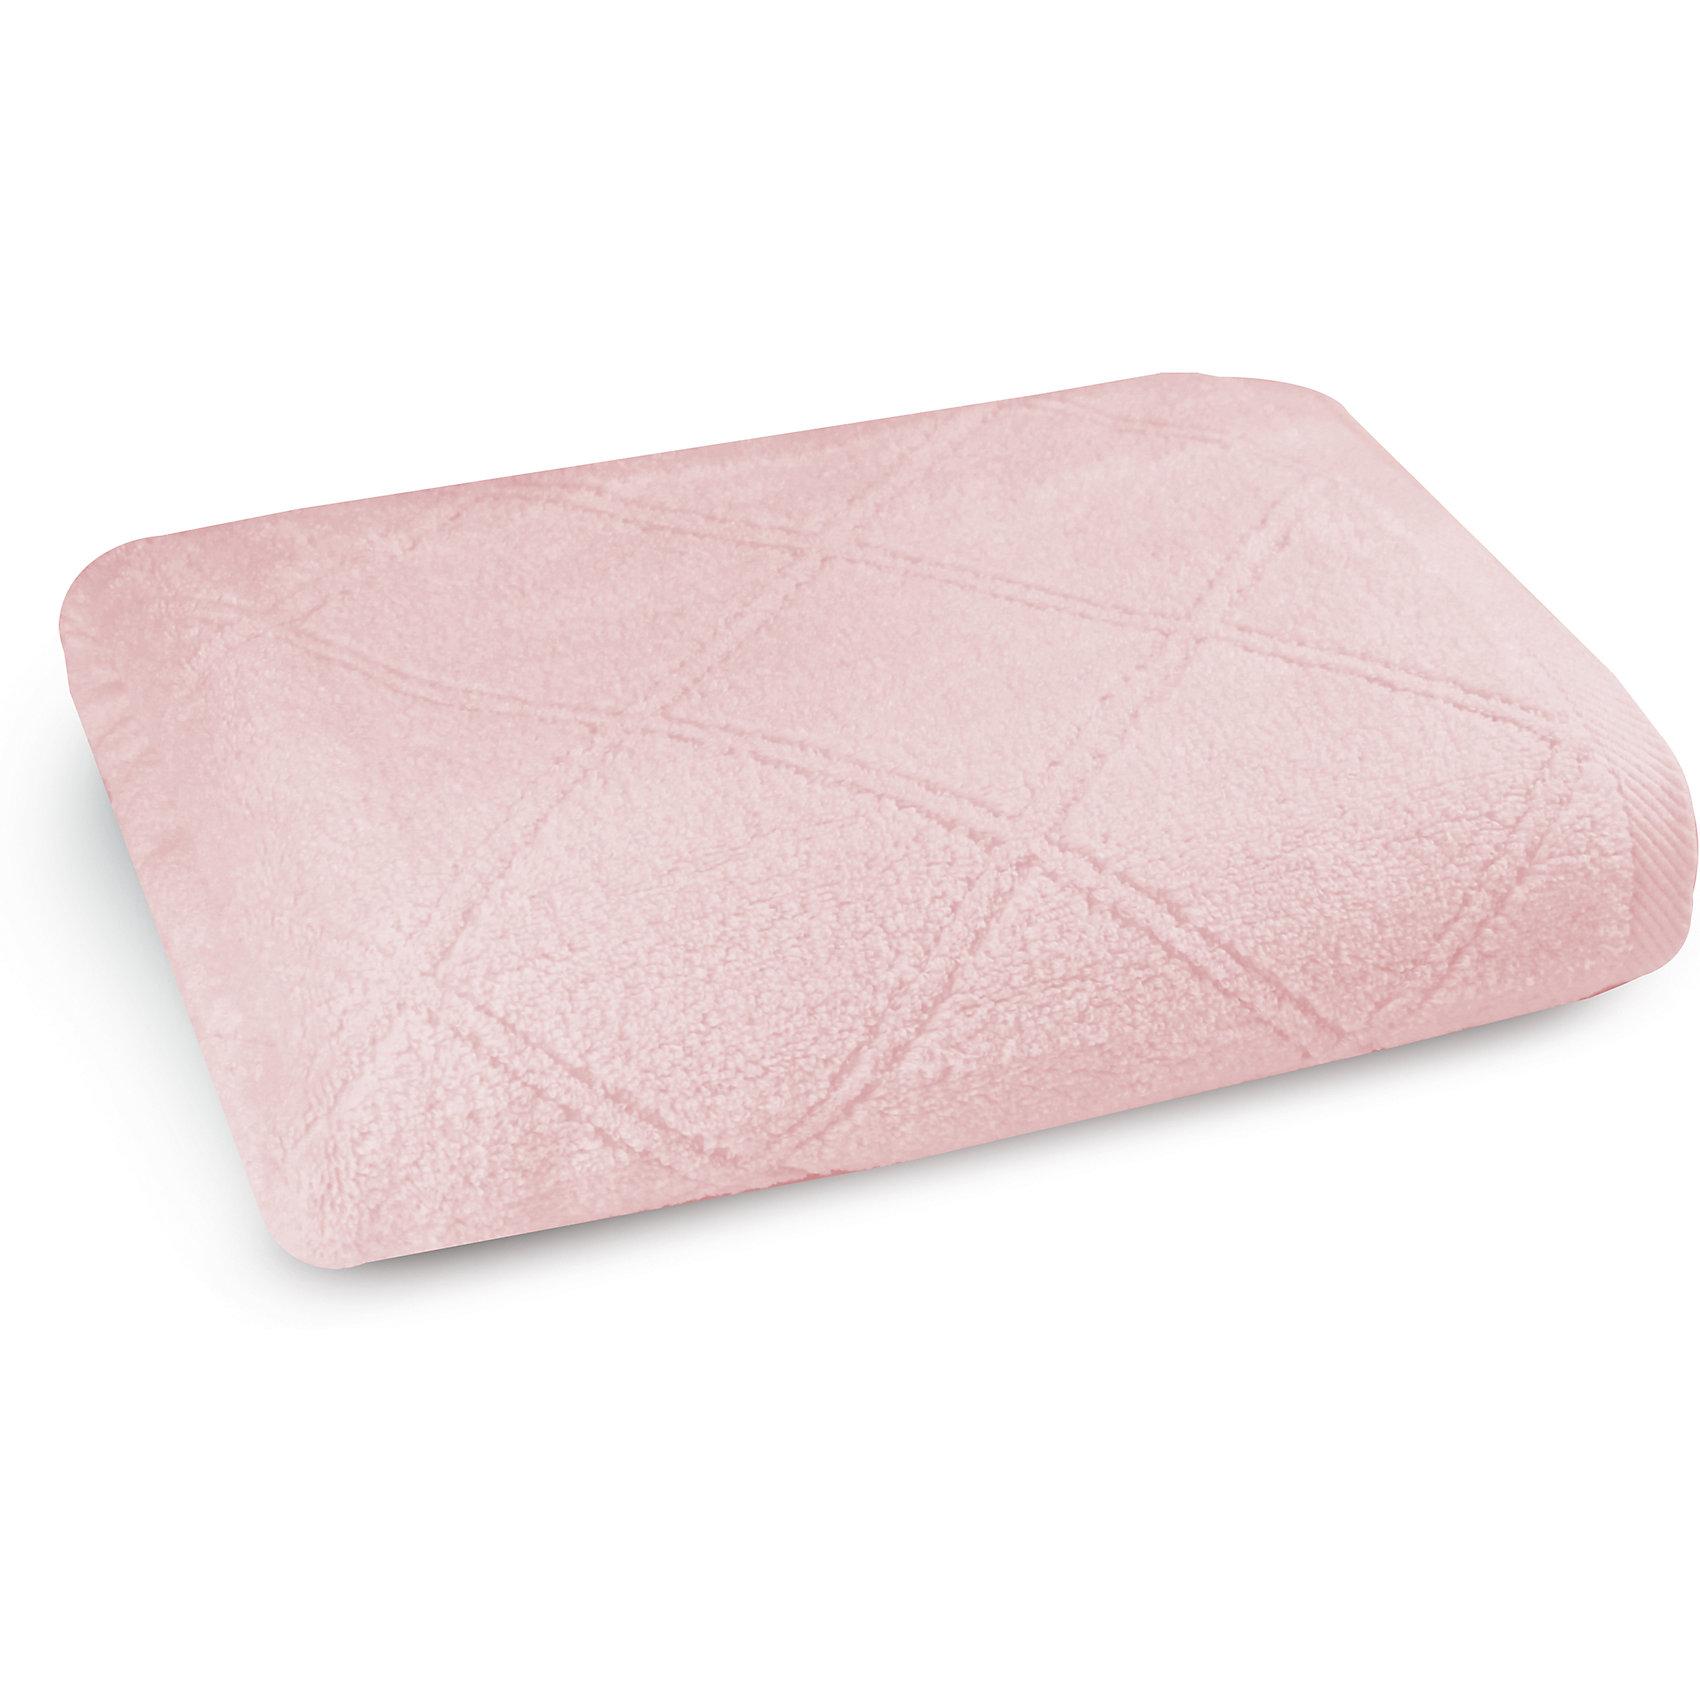 Полотенце махровое 50х90, Cozy Home, розовыйПолотенце махровое 50х90, Cozy Home (Кози Хоум), розовый<br><br>Характеристики:<br><br>• мягкое полотенце, приятное на ощупь<br>• хорошо впитывает влагу<br>• легко стирать<br>• материал: хлопок<br>• размер: 50х90 см<br>• цвет: розовый<br><br>Выбирая полотенце, важно обратить внимание на материал. Полотенце от Cozy Home изготовлено из качественного хлопка, поэтому оно очень приятно телу и не вызывает раздражения и аллергии. Полотенце хорошо впитывает влагу, а также быстро высыхает. Любые загрязнения вы с легкостью сможете отстирать при температуре 40?. Также полотенце порадует вас своей долговечностью. Даже после многочисленных стирок оно не изменит свой цвет и размер. Изделие имеет однотонную расцветку, дополненную узором из ромбов. Отличный выбор для ценителей качественного текстиля!<br><br>Полотенце махровое 50х90, Cozy Home (Кози Хоум), розовый можно купить в нашем интернет-магазине.<br><br>Ширина мм: 150<br>Глубина мм: 250<br>Высота мм: 150<br>Вес г: 250<br>Возраст от месяцев: 0<br>Возраст до месяцев: 216<br>Пол: Женский<br>Возраст: Детский<br>SKU: 5355309